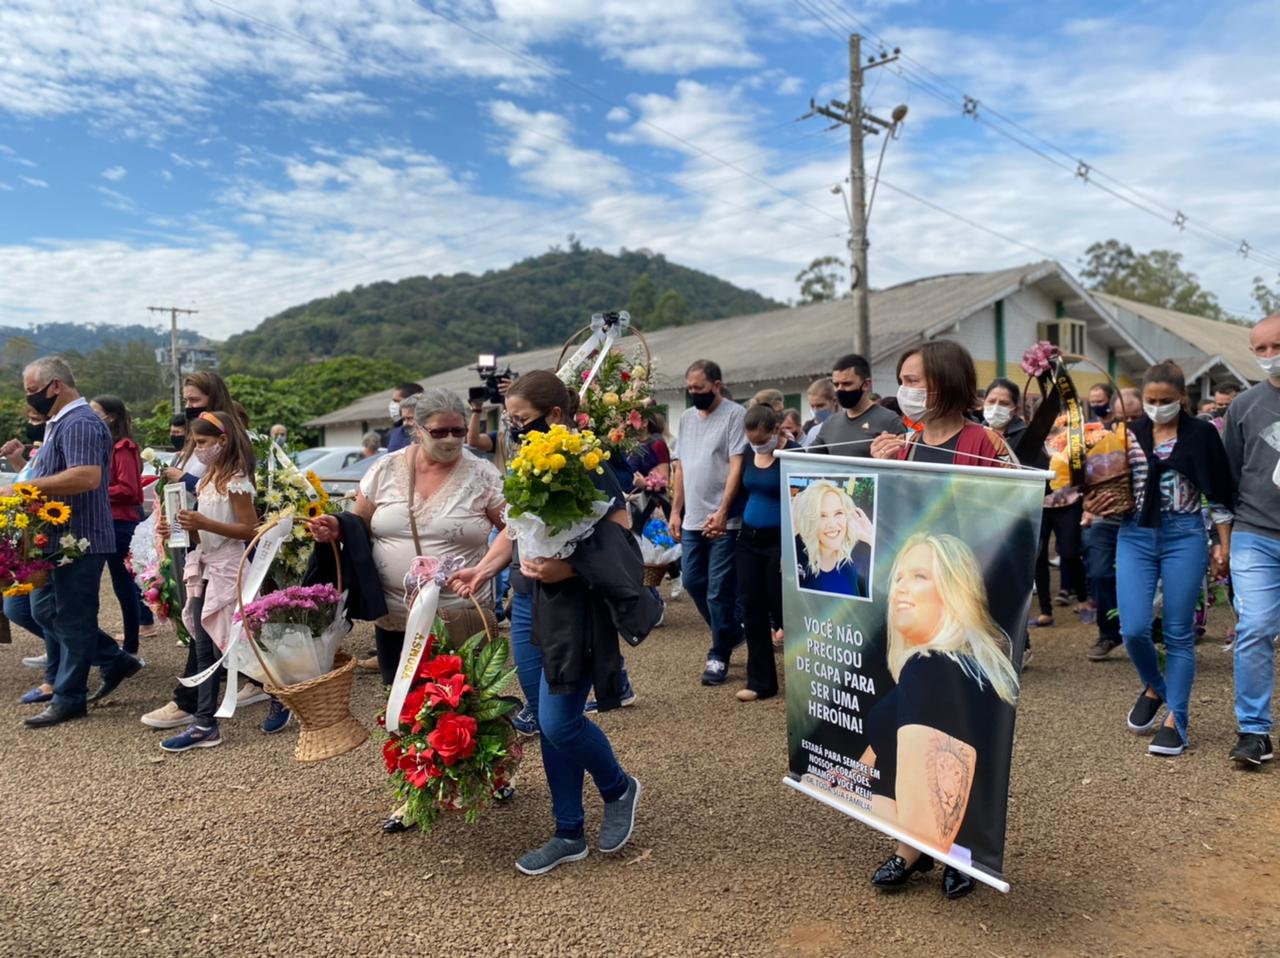 Professora e agente educadora foram homenageadas por colegas e familiares - Willian Ricardo/ND